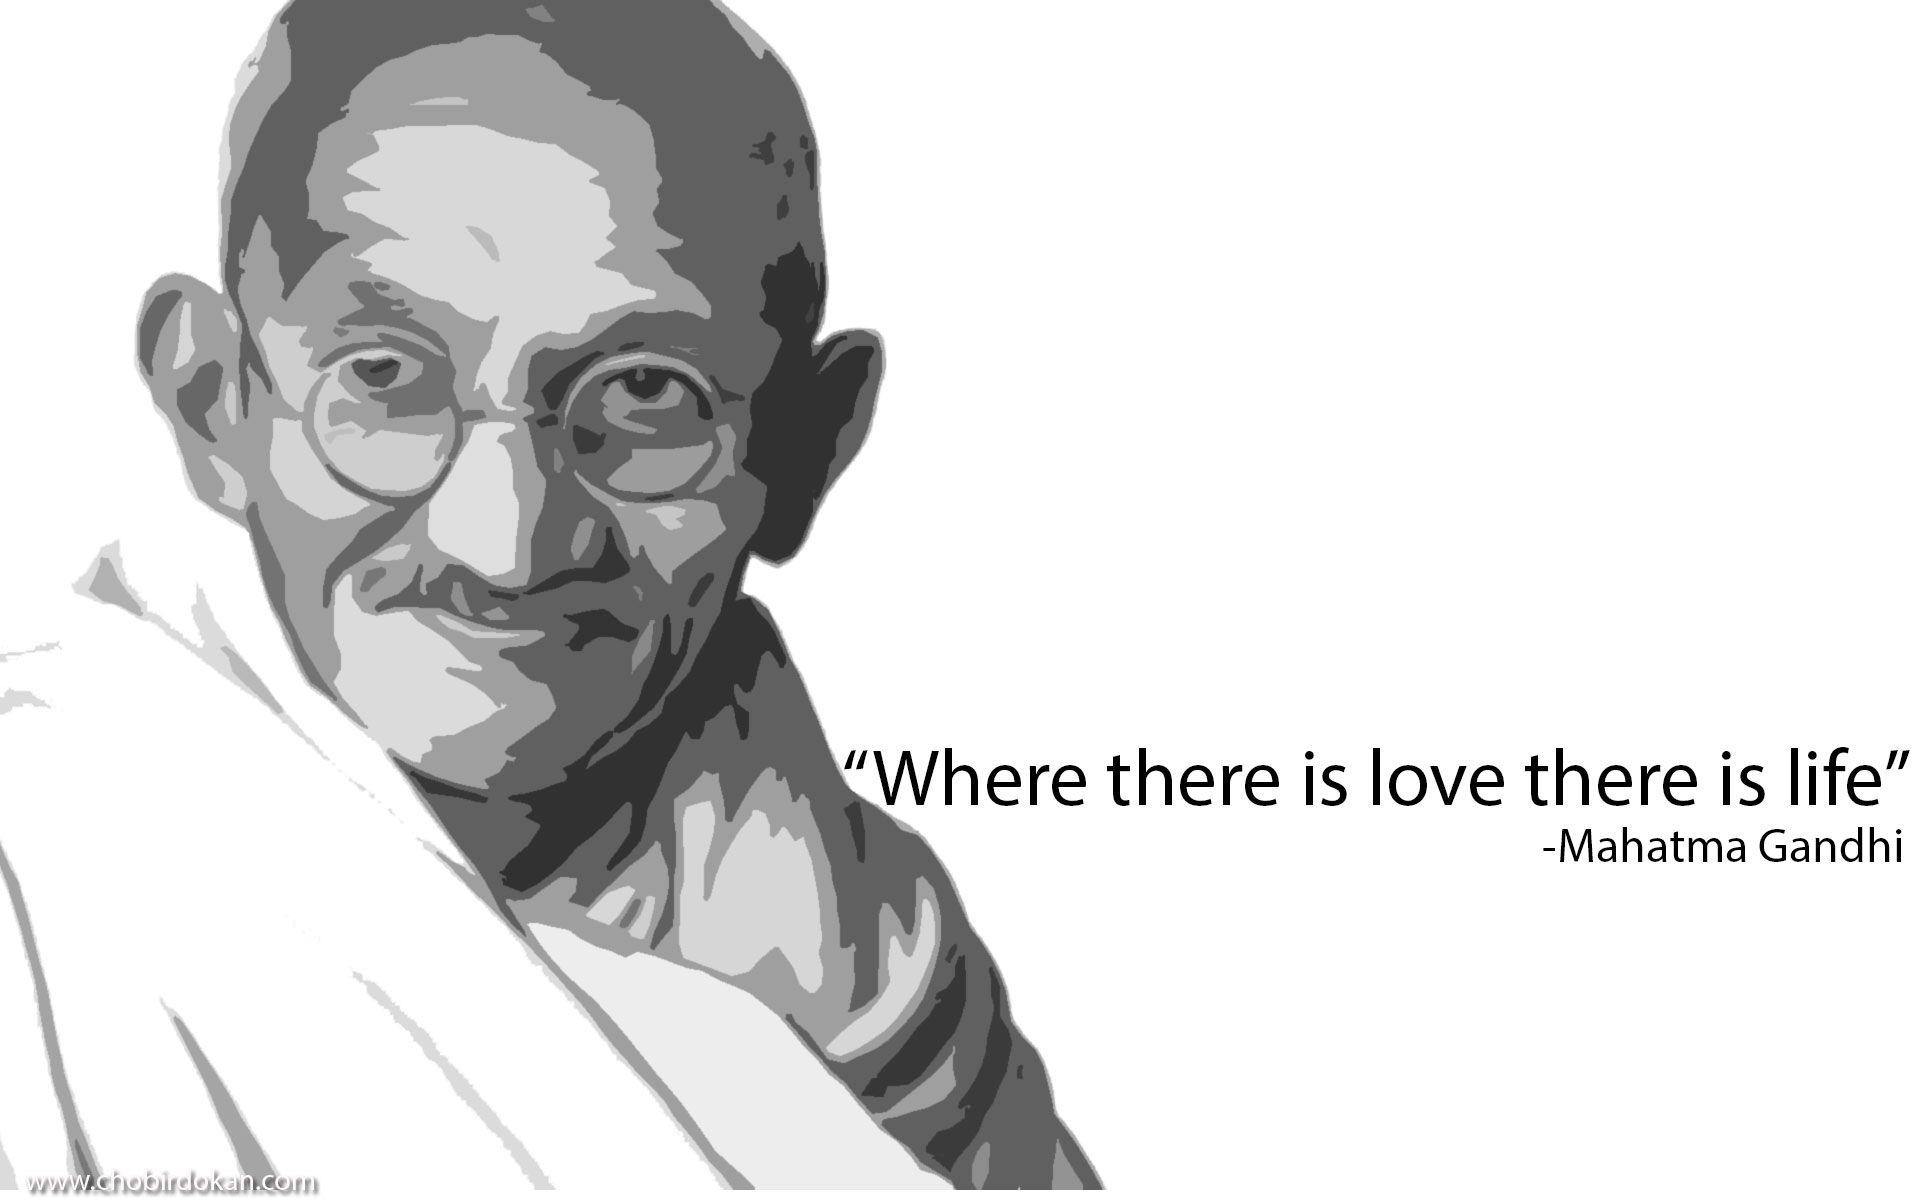 Gandhi Quotes On Love Best Mahatma Gandhi Quotes On Love  Cute Romantic & Sad Love